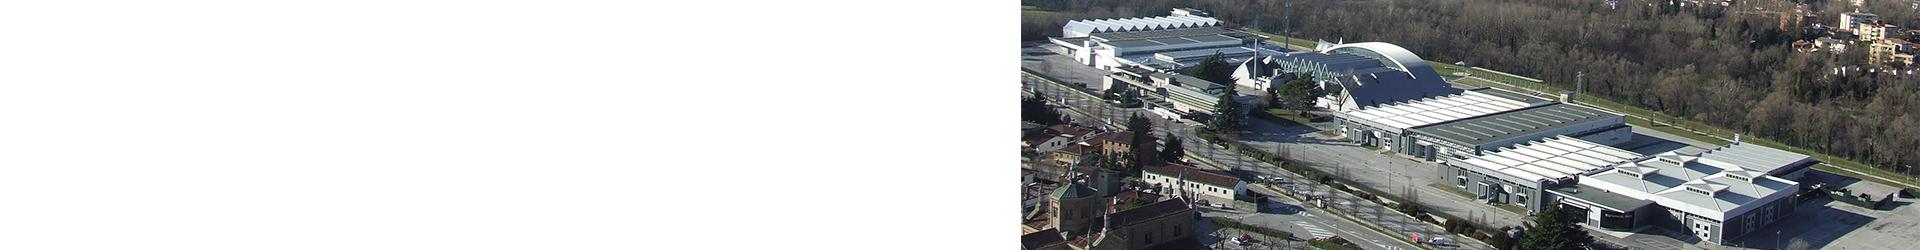 Pordenone Fiere Calendario.Home Page Pordenone Fiere